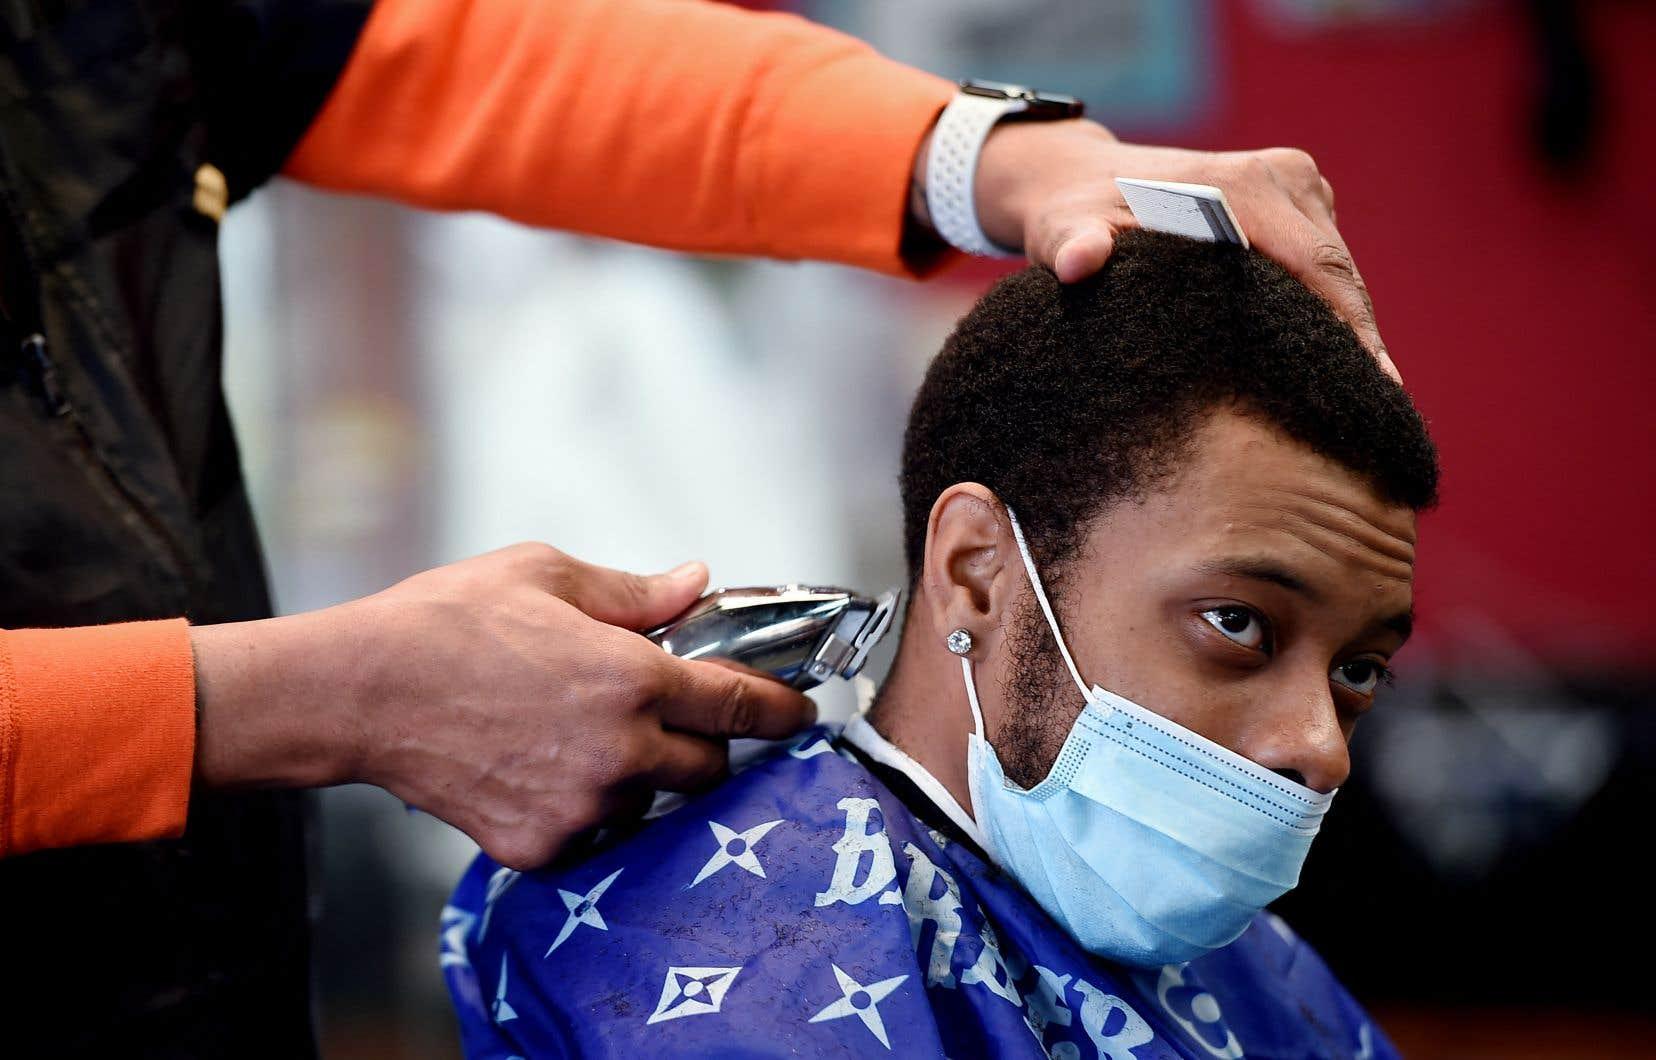 «Les coiffeurs et barbiers locaux» vont devenir «des promoteurs clés pour la vaccination dans leurs communautés, en offrant des informations aux clients, en prenant pour eux des rendez-vous», a déclaré Joe Biden, mercredi, lors d'une allocution.